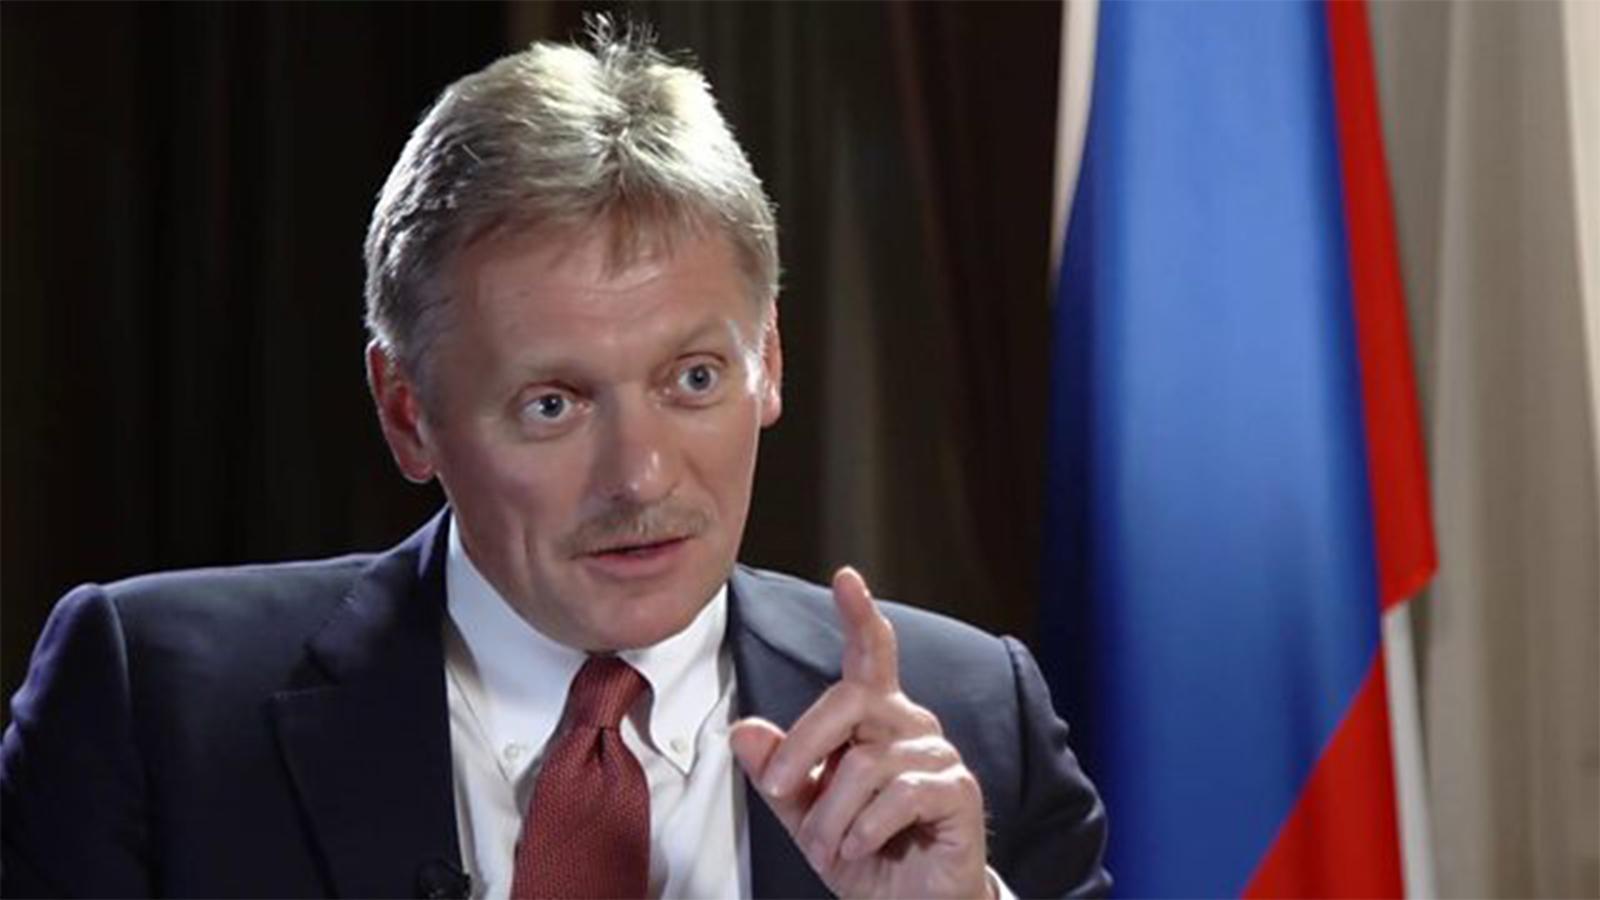 Kremlin Sözcüsü Dmitry Peskov: Suriye'de doğal olarak nihai amaç tüm yabancı askerlerin çekilmesini sağlamak